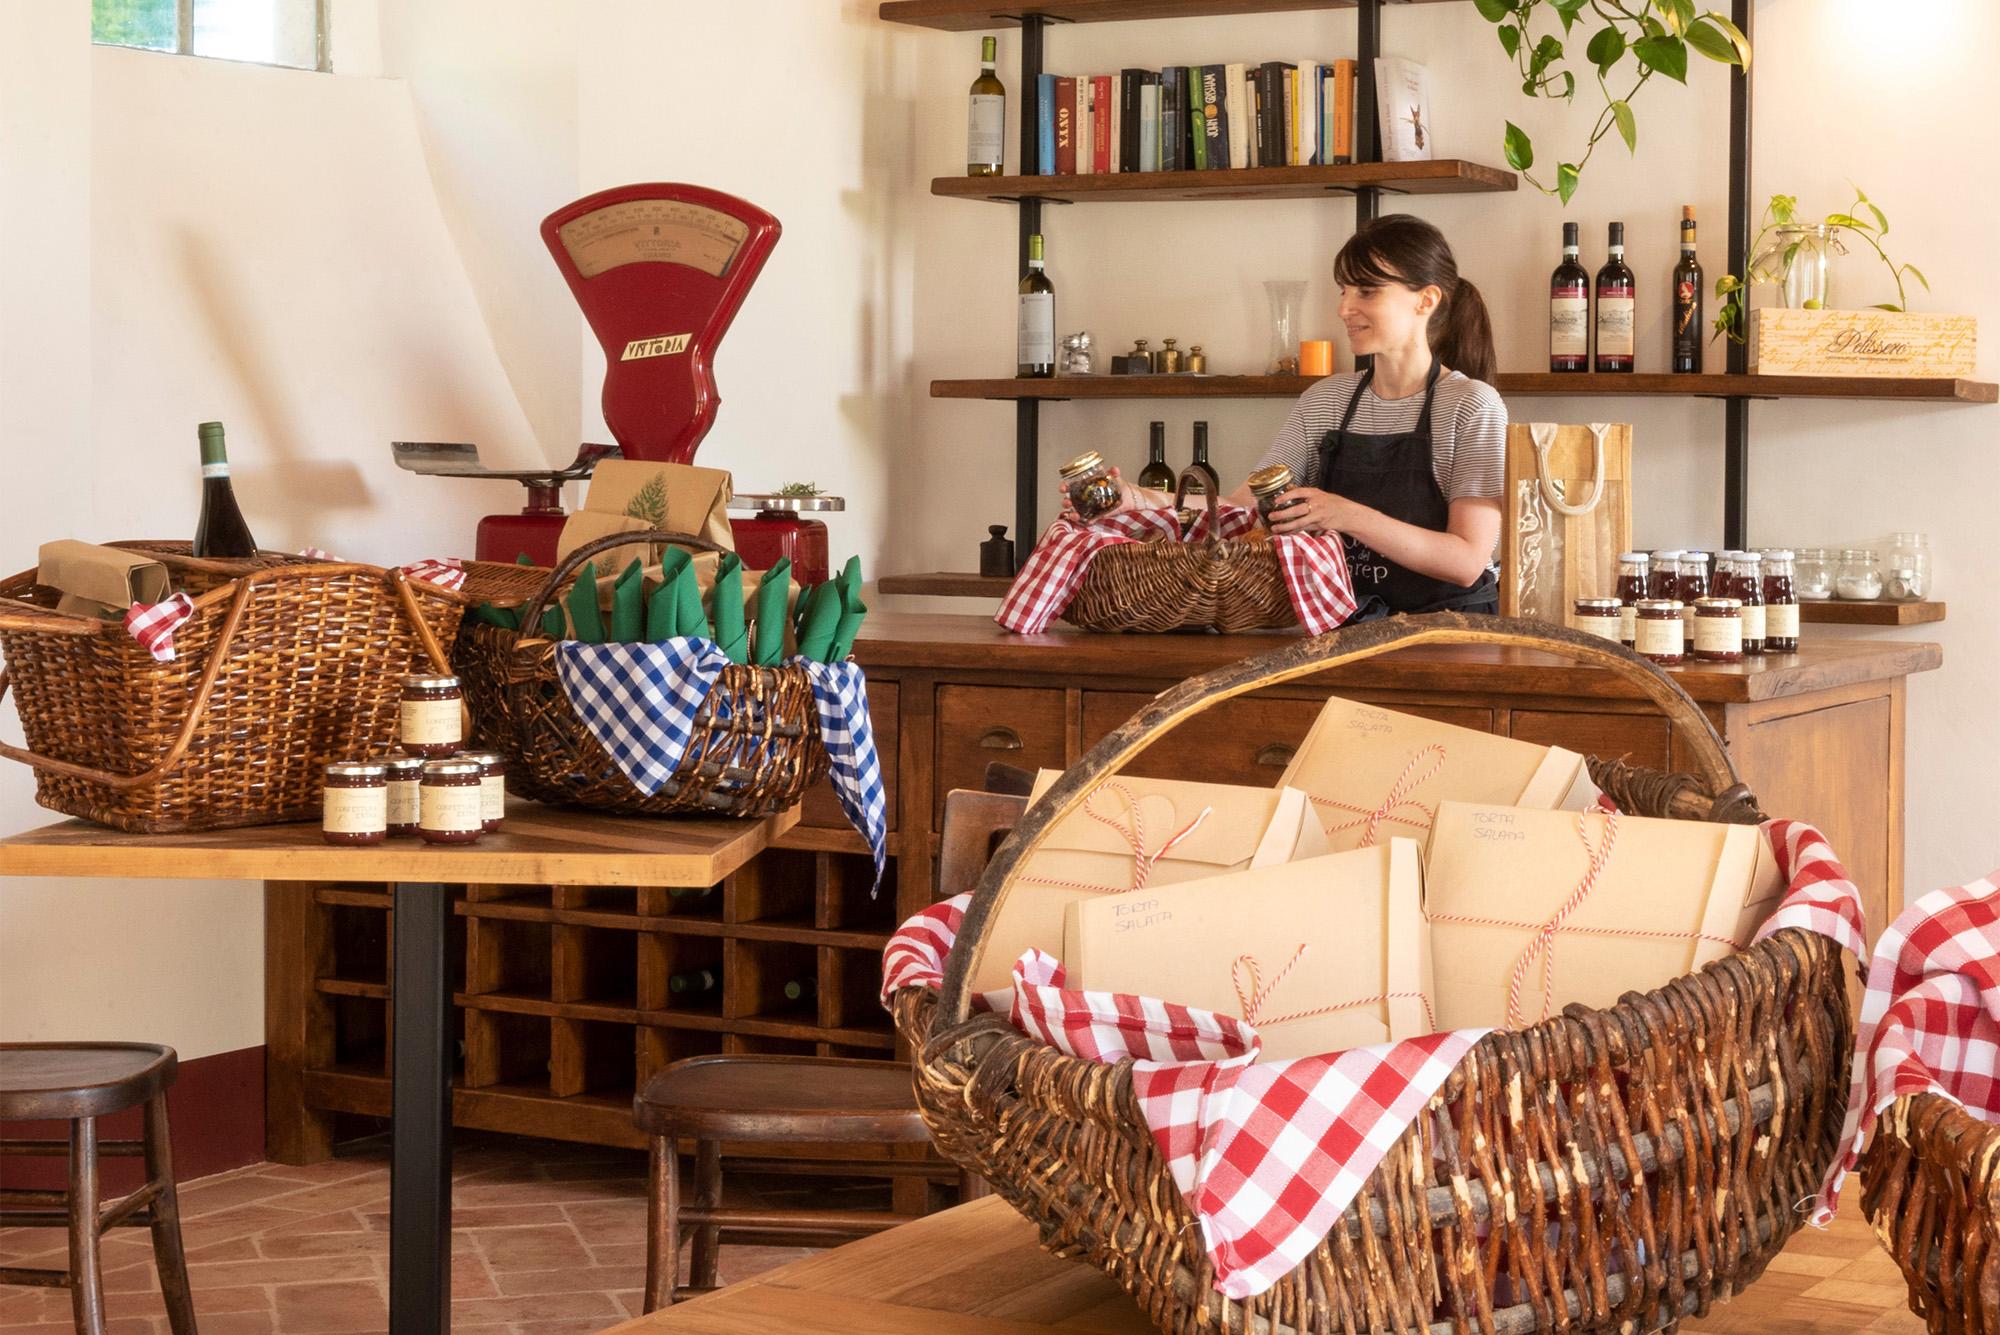 Agriturismo Parco del Grep - Monferrato, Piemonte - Preparazione dei cestini per il picnic alla Locanda del Grep